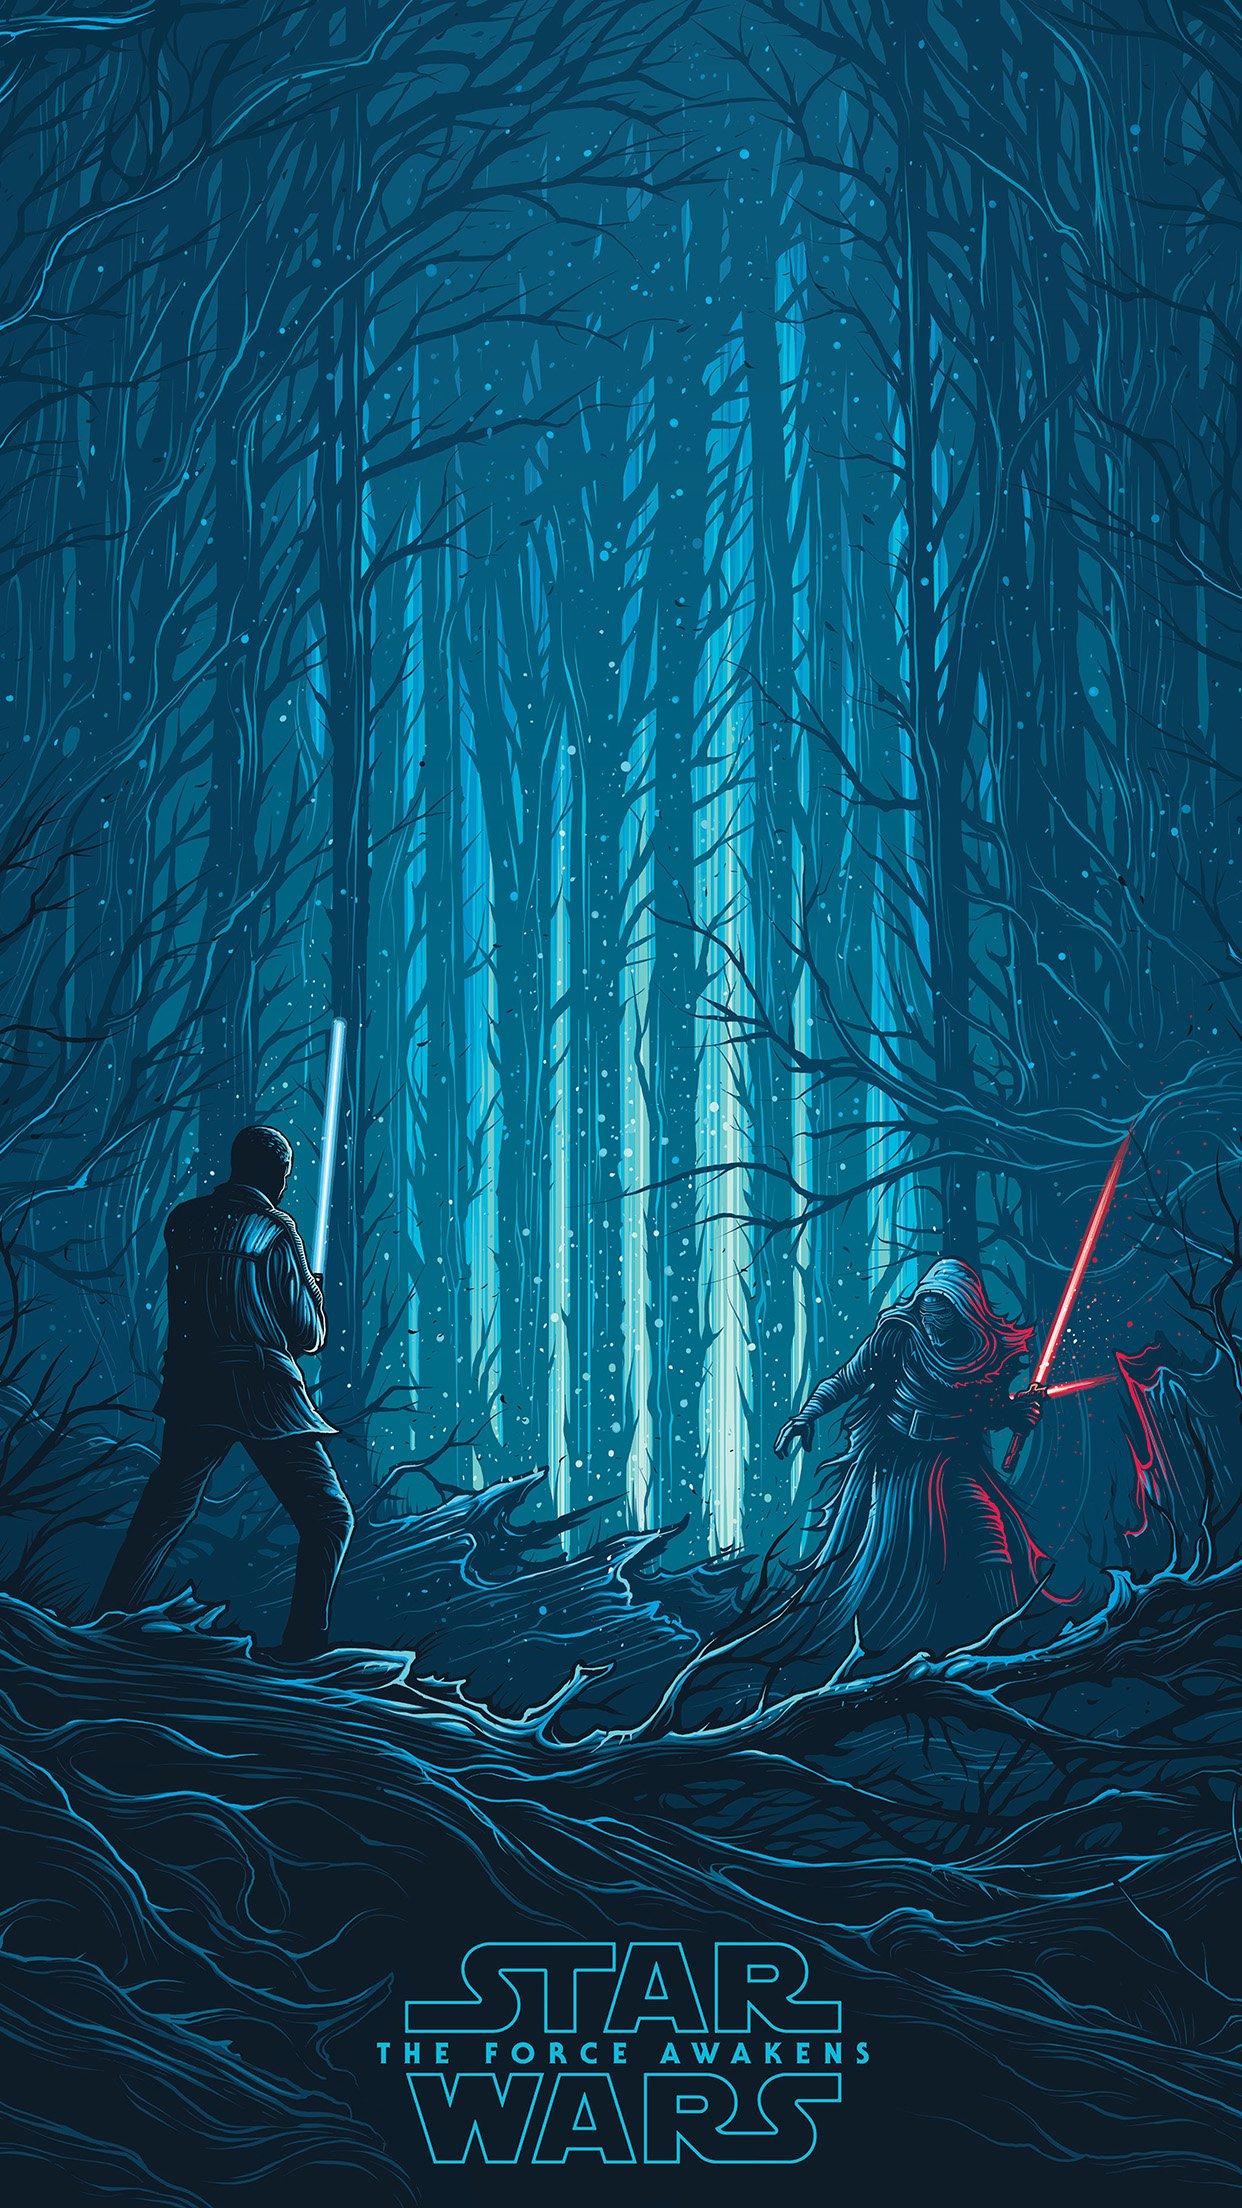 Starwars Illustration Blue Art Film Android Wallpaper Star Wars Art Wallpaper Iphone 1242x2208 Wallpaper Teahub Io